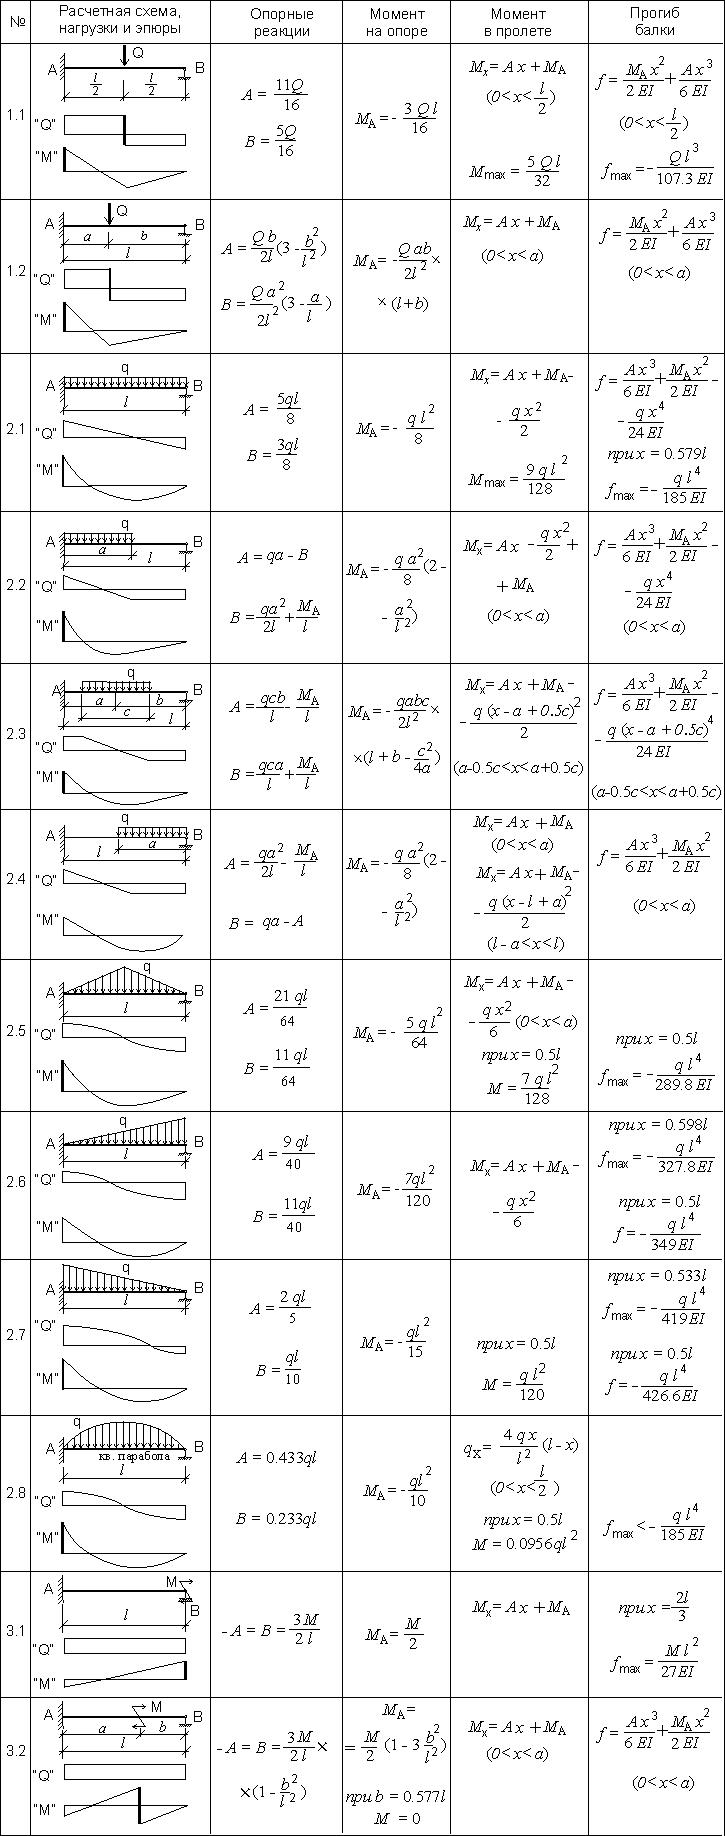 Балка расчетная схема